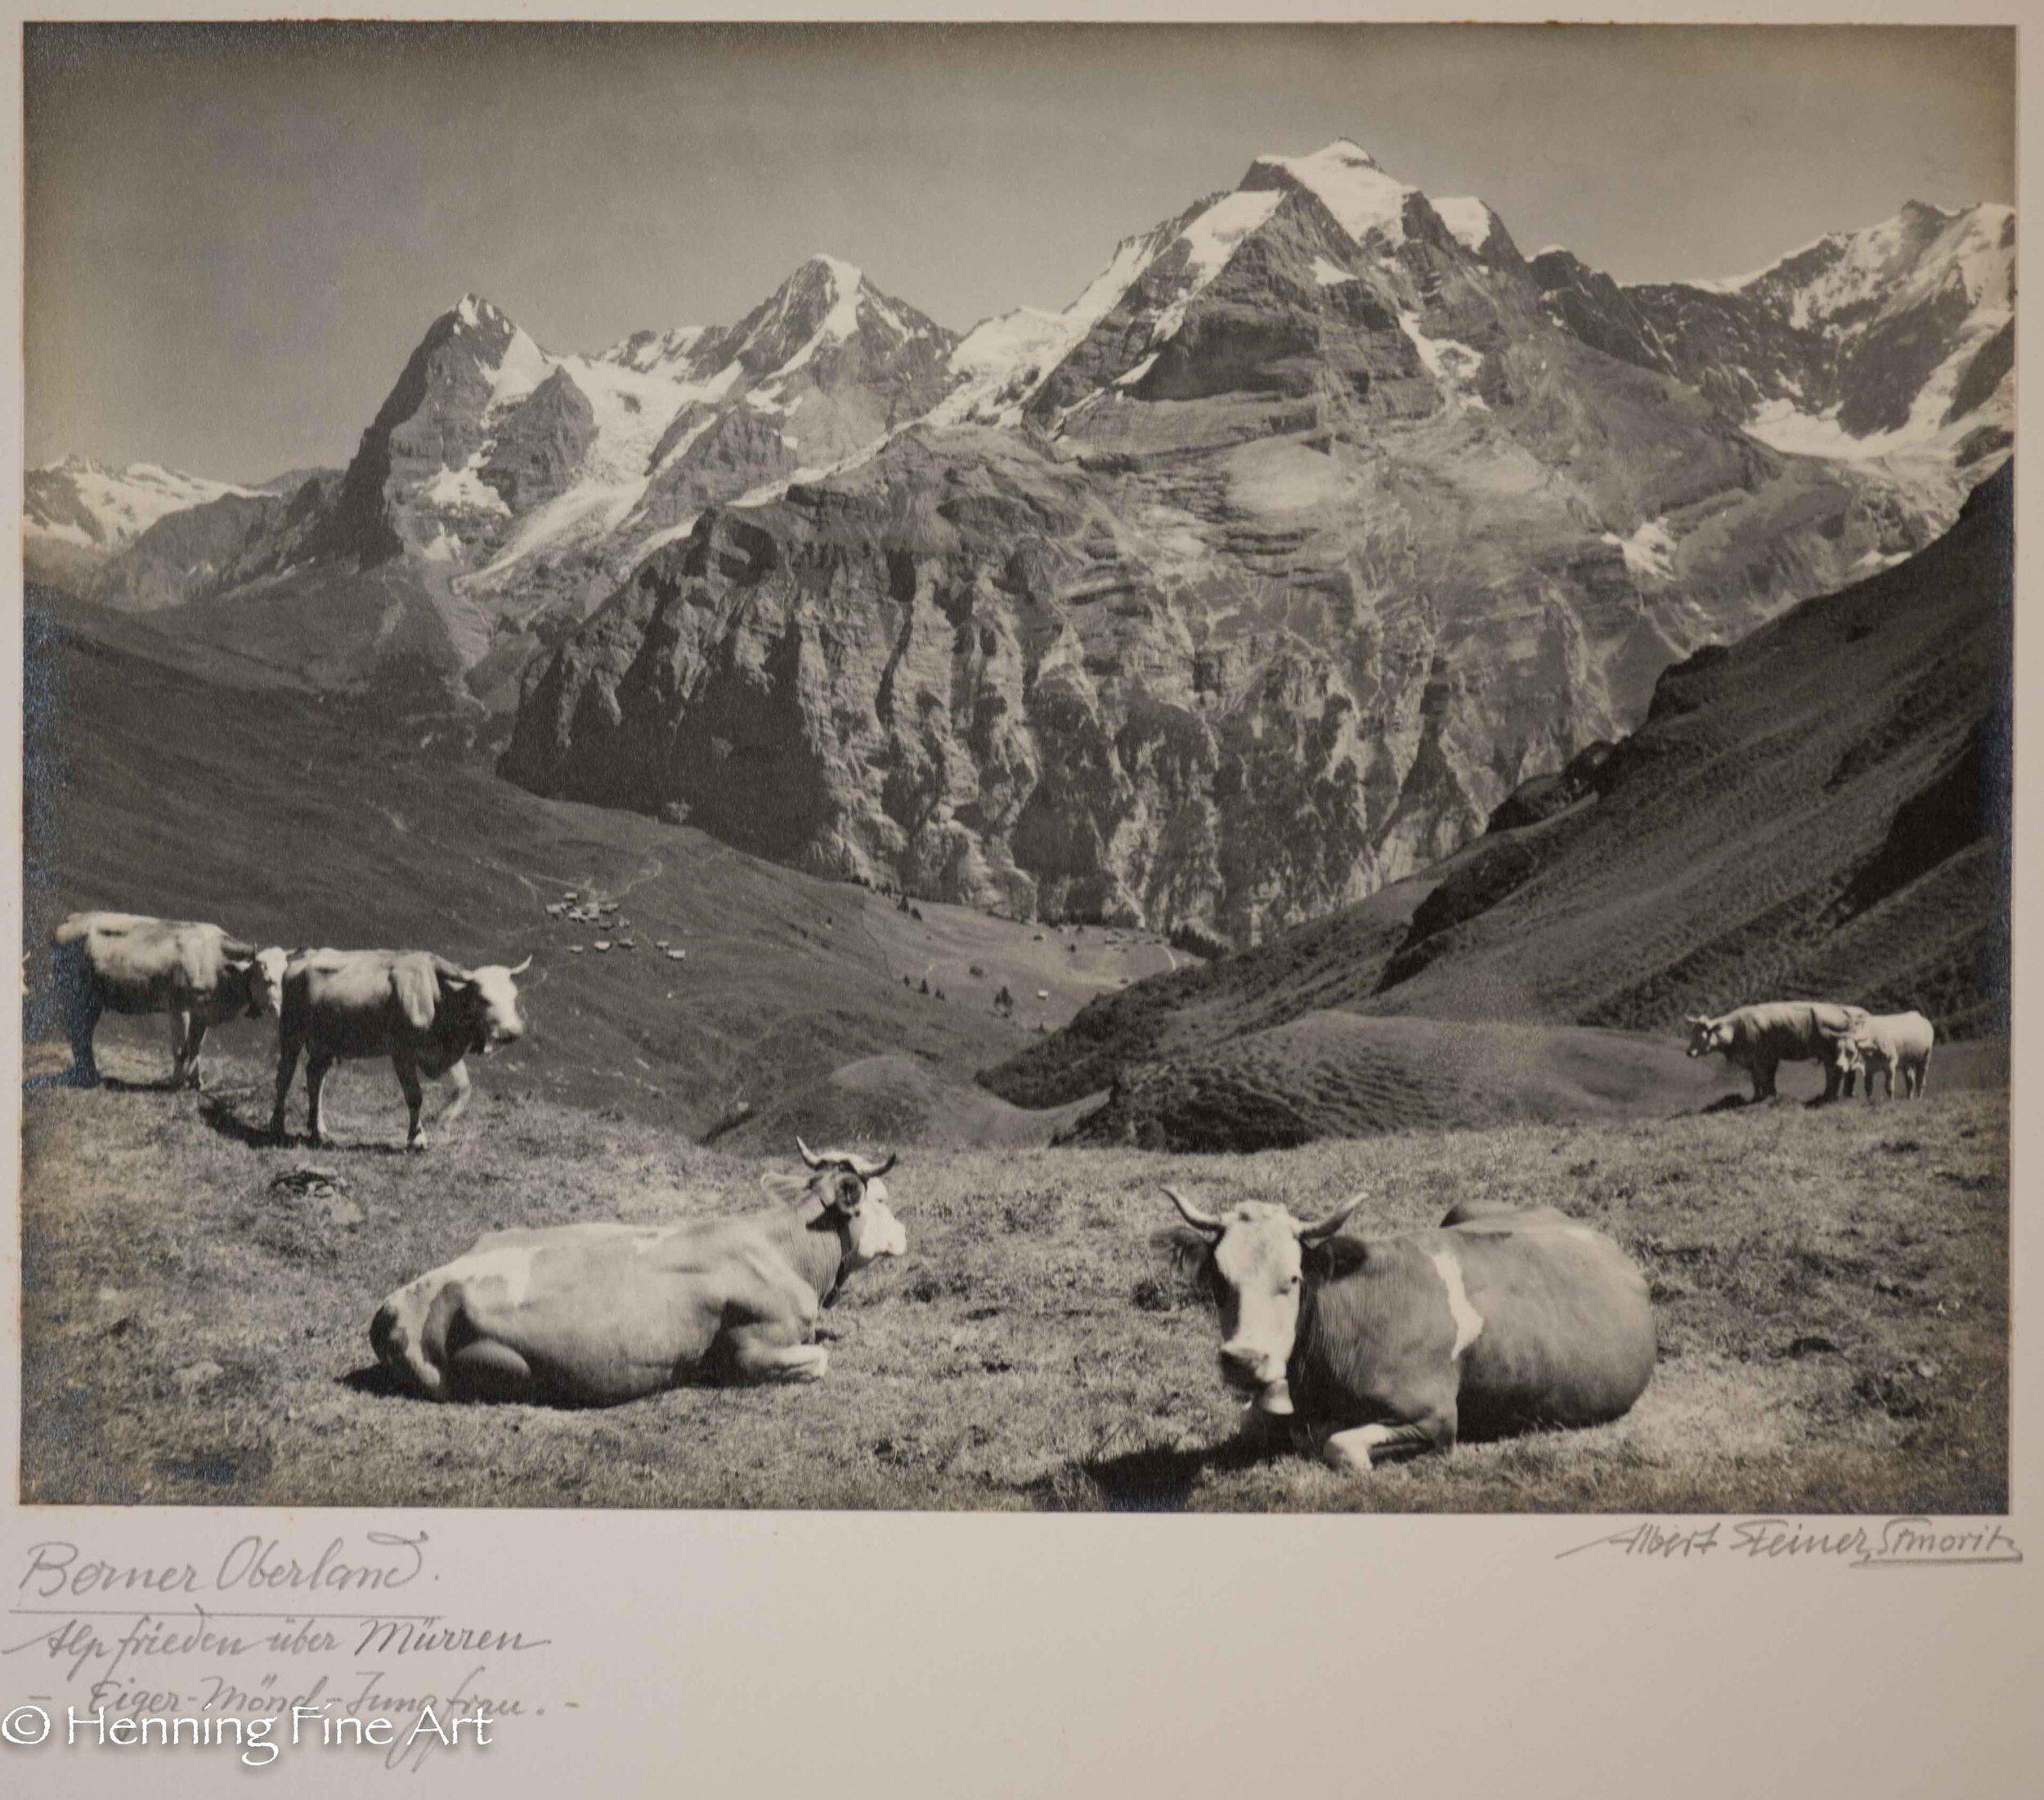 """Albert Steiner (1877 - 1965) """"Berner Oberland. Alpfrieden uber Murren mit Eiger - Monch - Jungfrau.""""  Image (2-2)"""